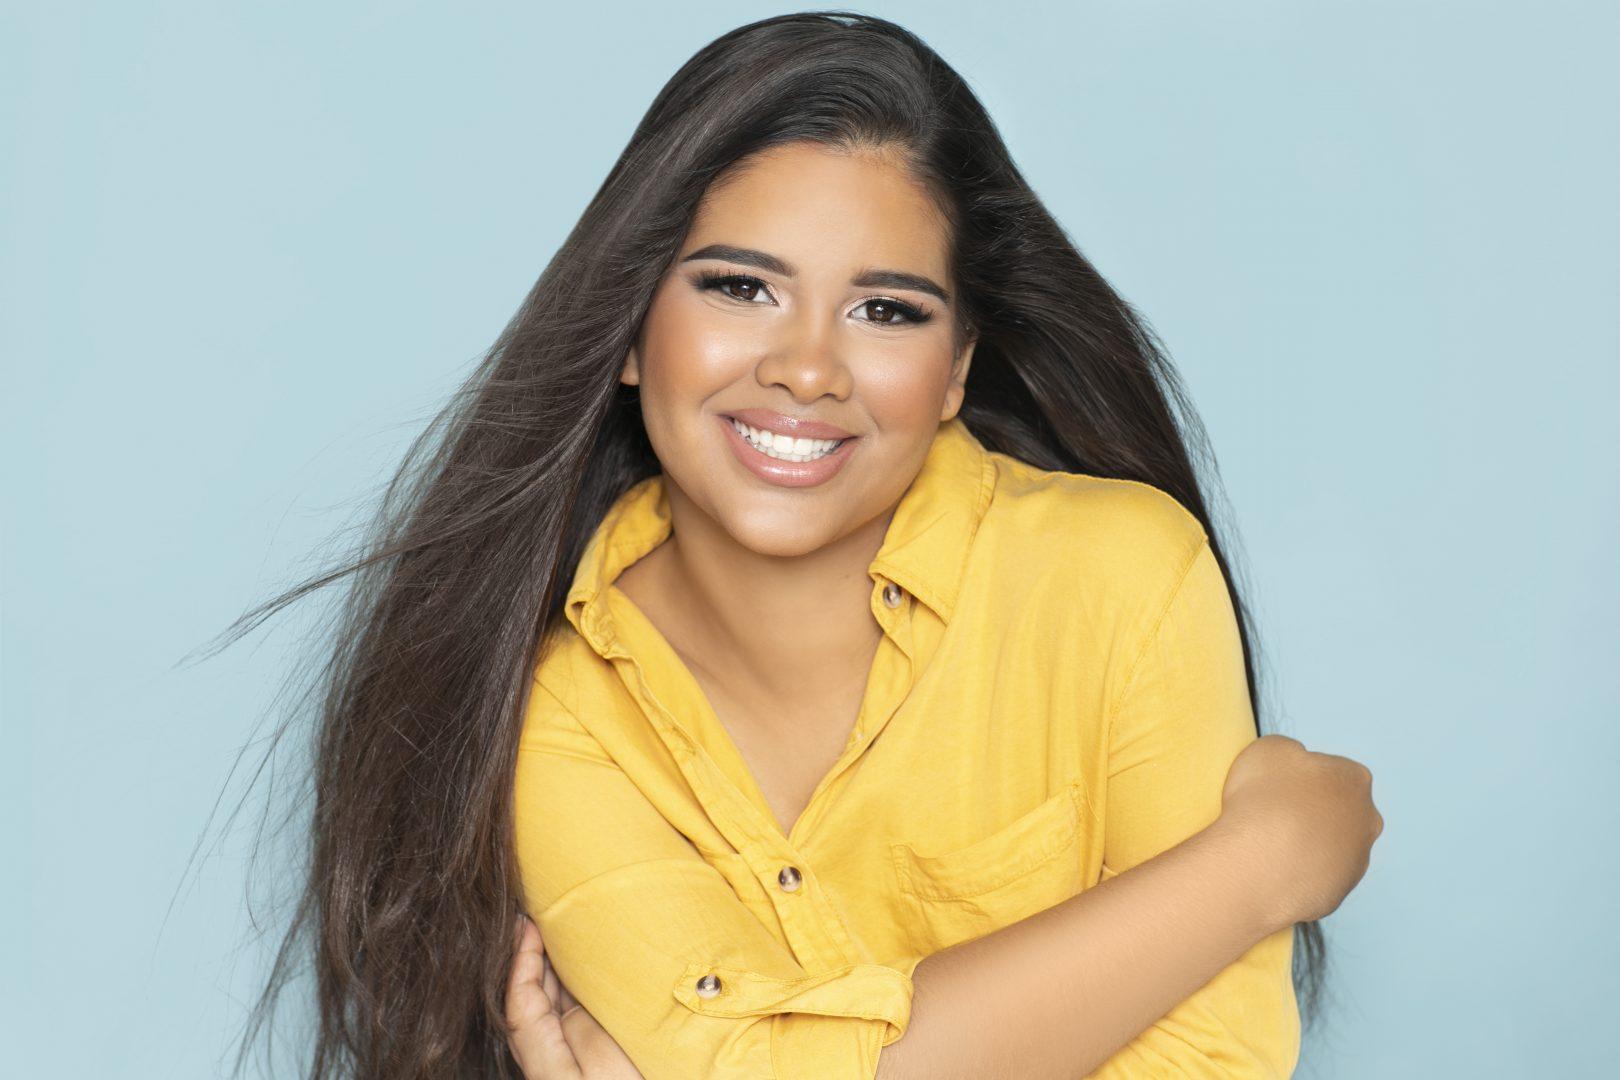 Foto6 Farah Mahmood Filha de brasileira é escolhida para cantar no Carnegie Hall e Áustria